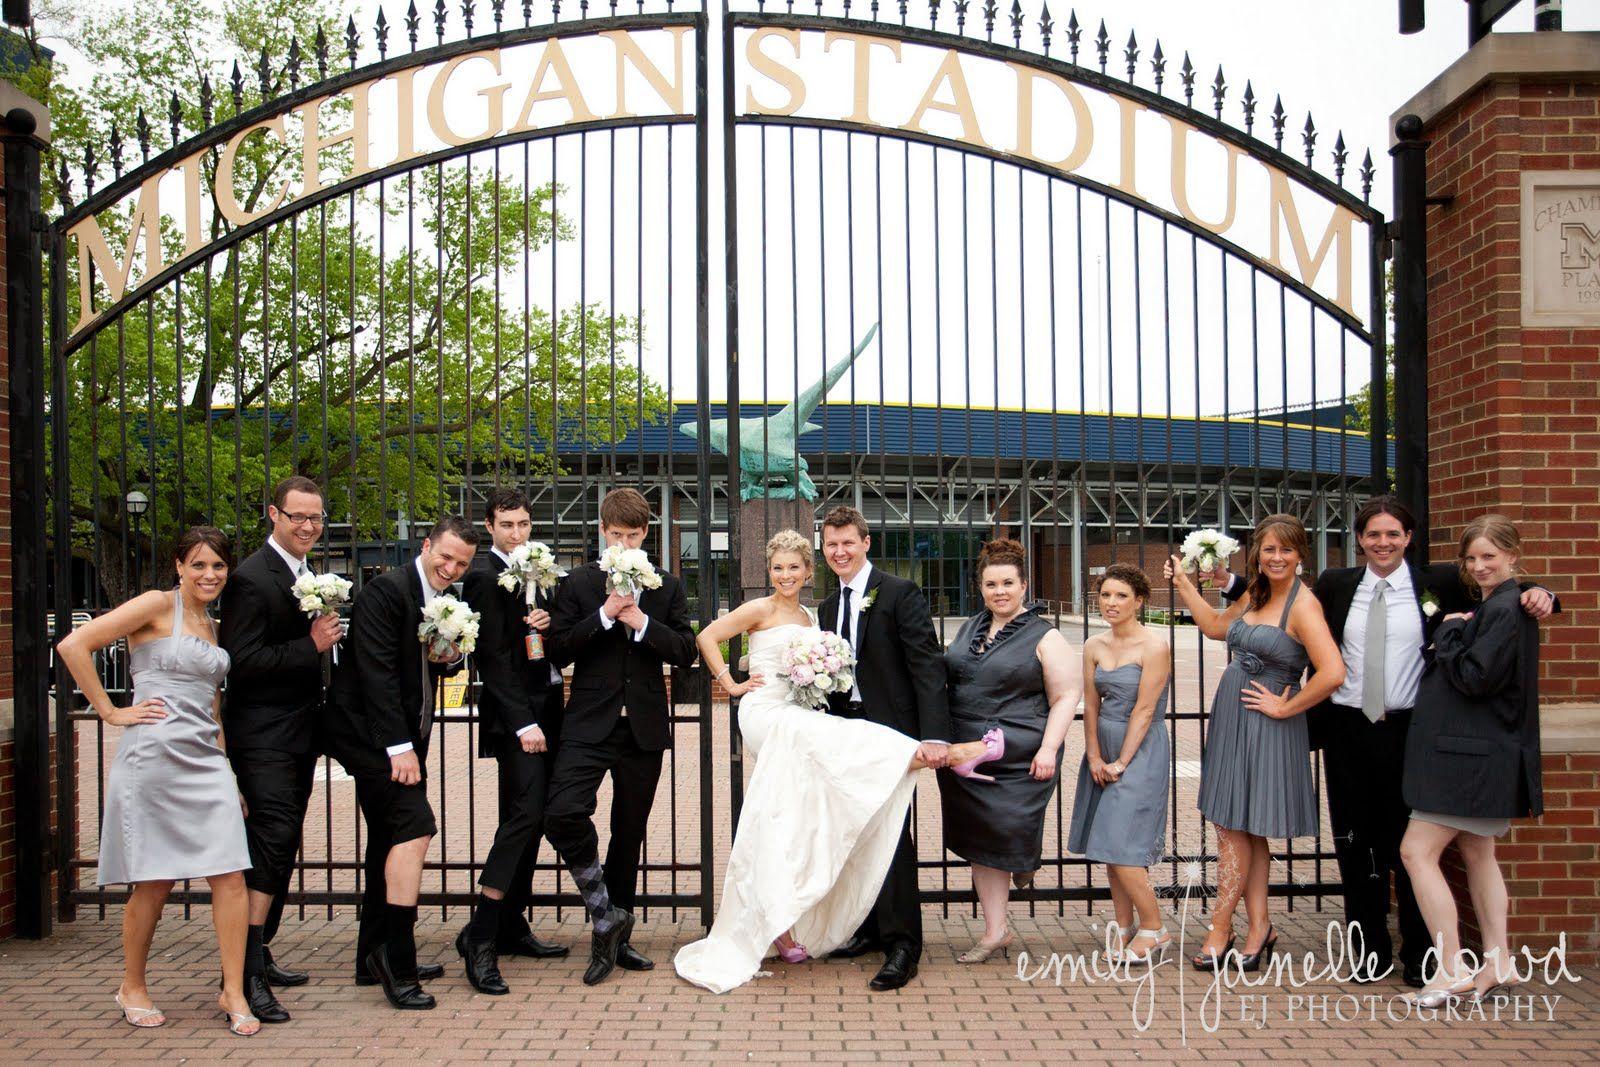 Ann Arbor Wedding Venues Michigan Stadium U of M